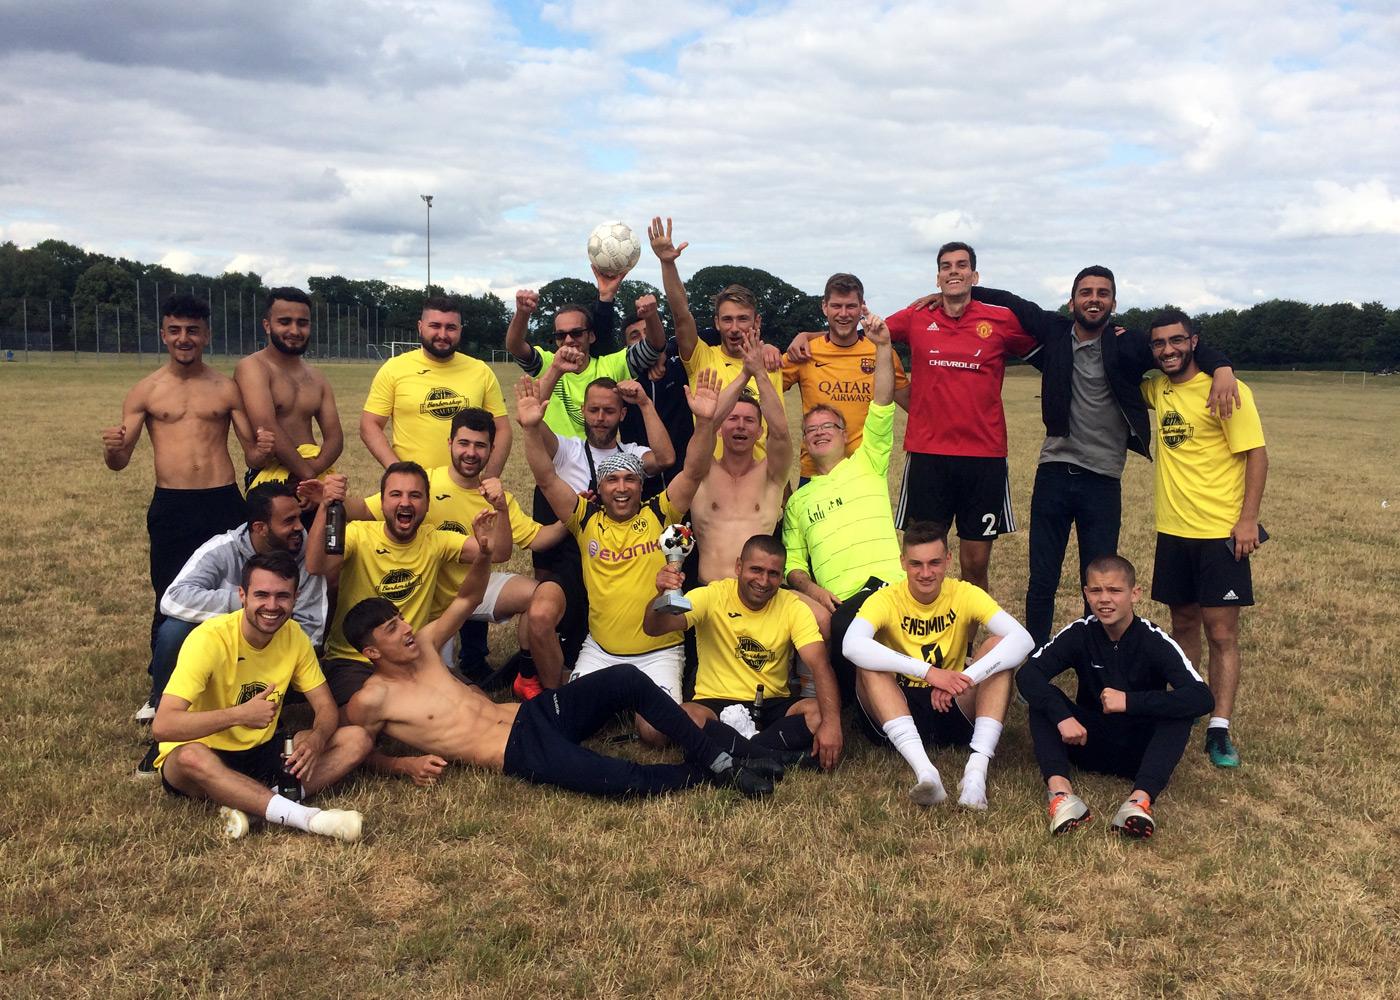 Wilder Pokalsieger 2019: Sensimilla Casa ---(Foto: B.Wolff)